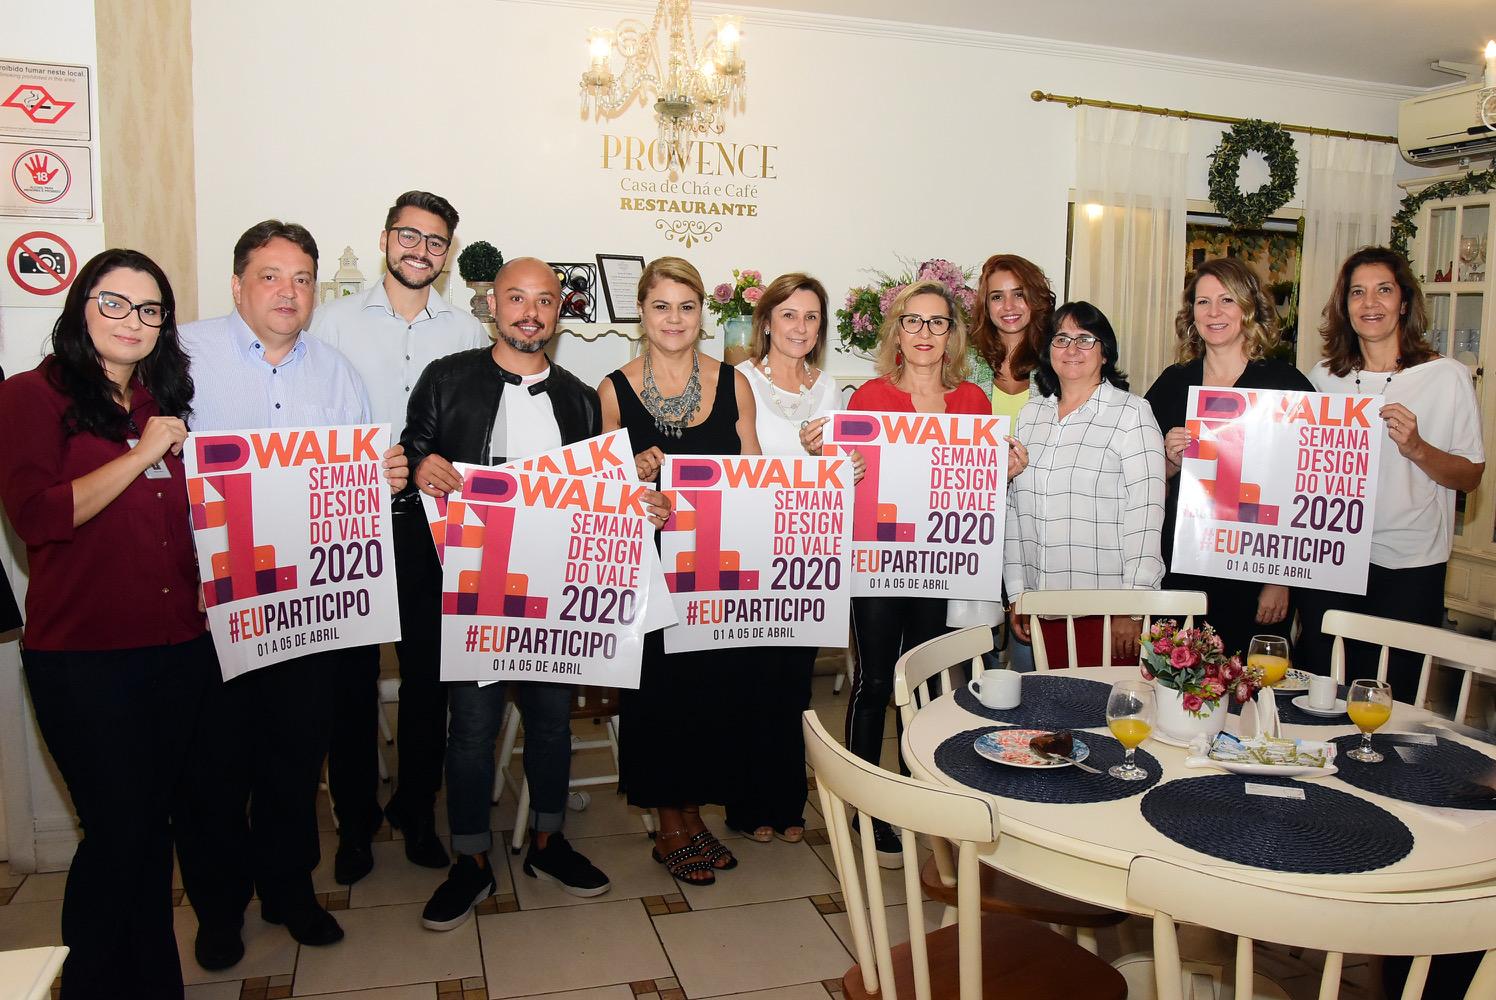 Semana De Design Do Vale Dwalk Apresenta Para A Imprensa Os Curadores Do Evento Valeando 0 Blog Do Vale Do Paraiba